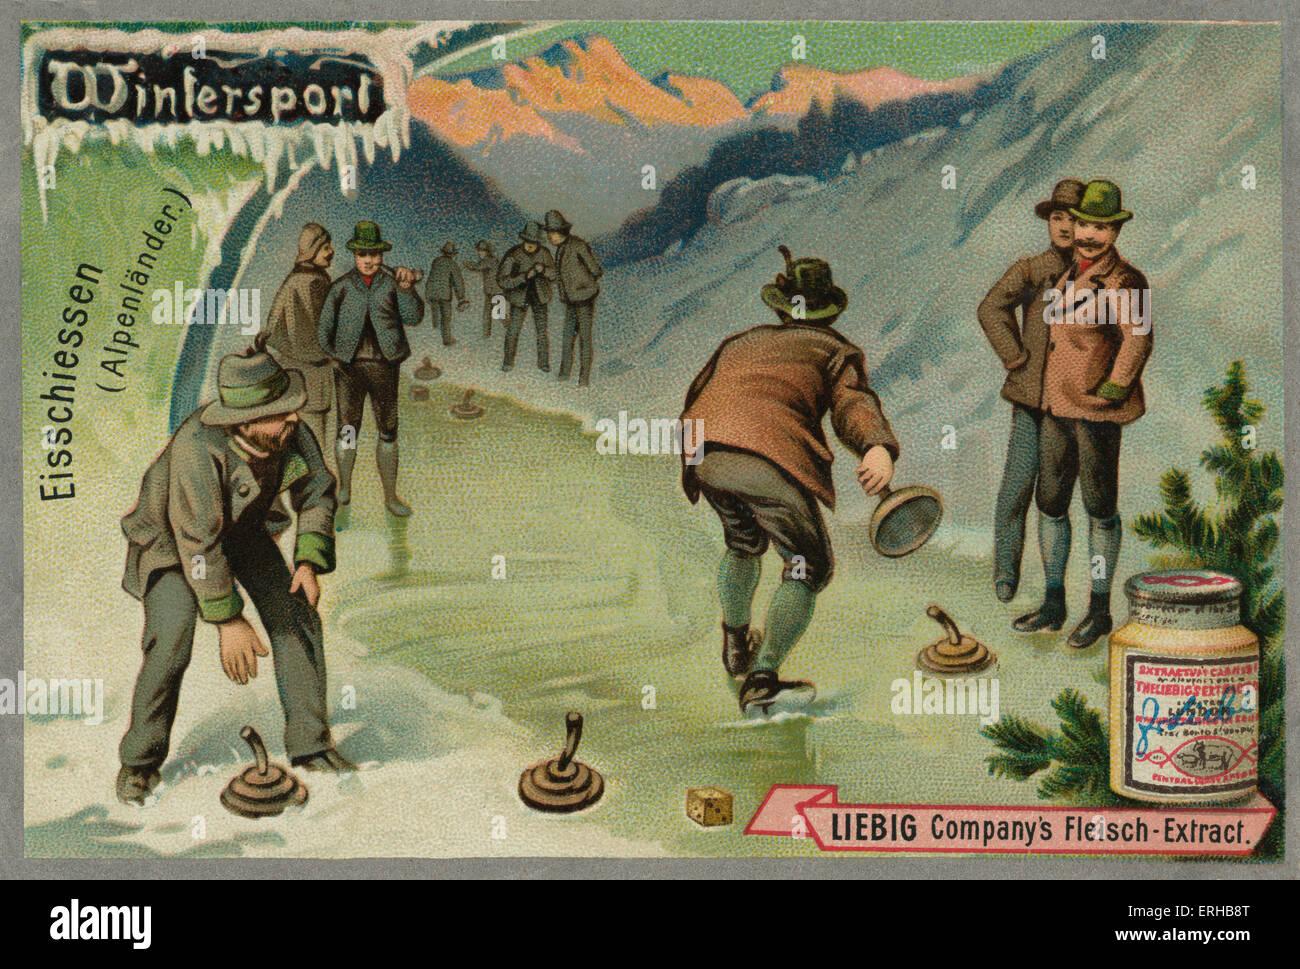 Stock de glace de curling bavarois/sport/ eisschiessen dans les Alpes. Un jeu similaire au curling. Carte Liebig, Photo Stock